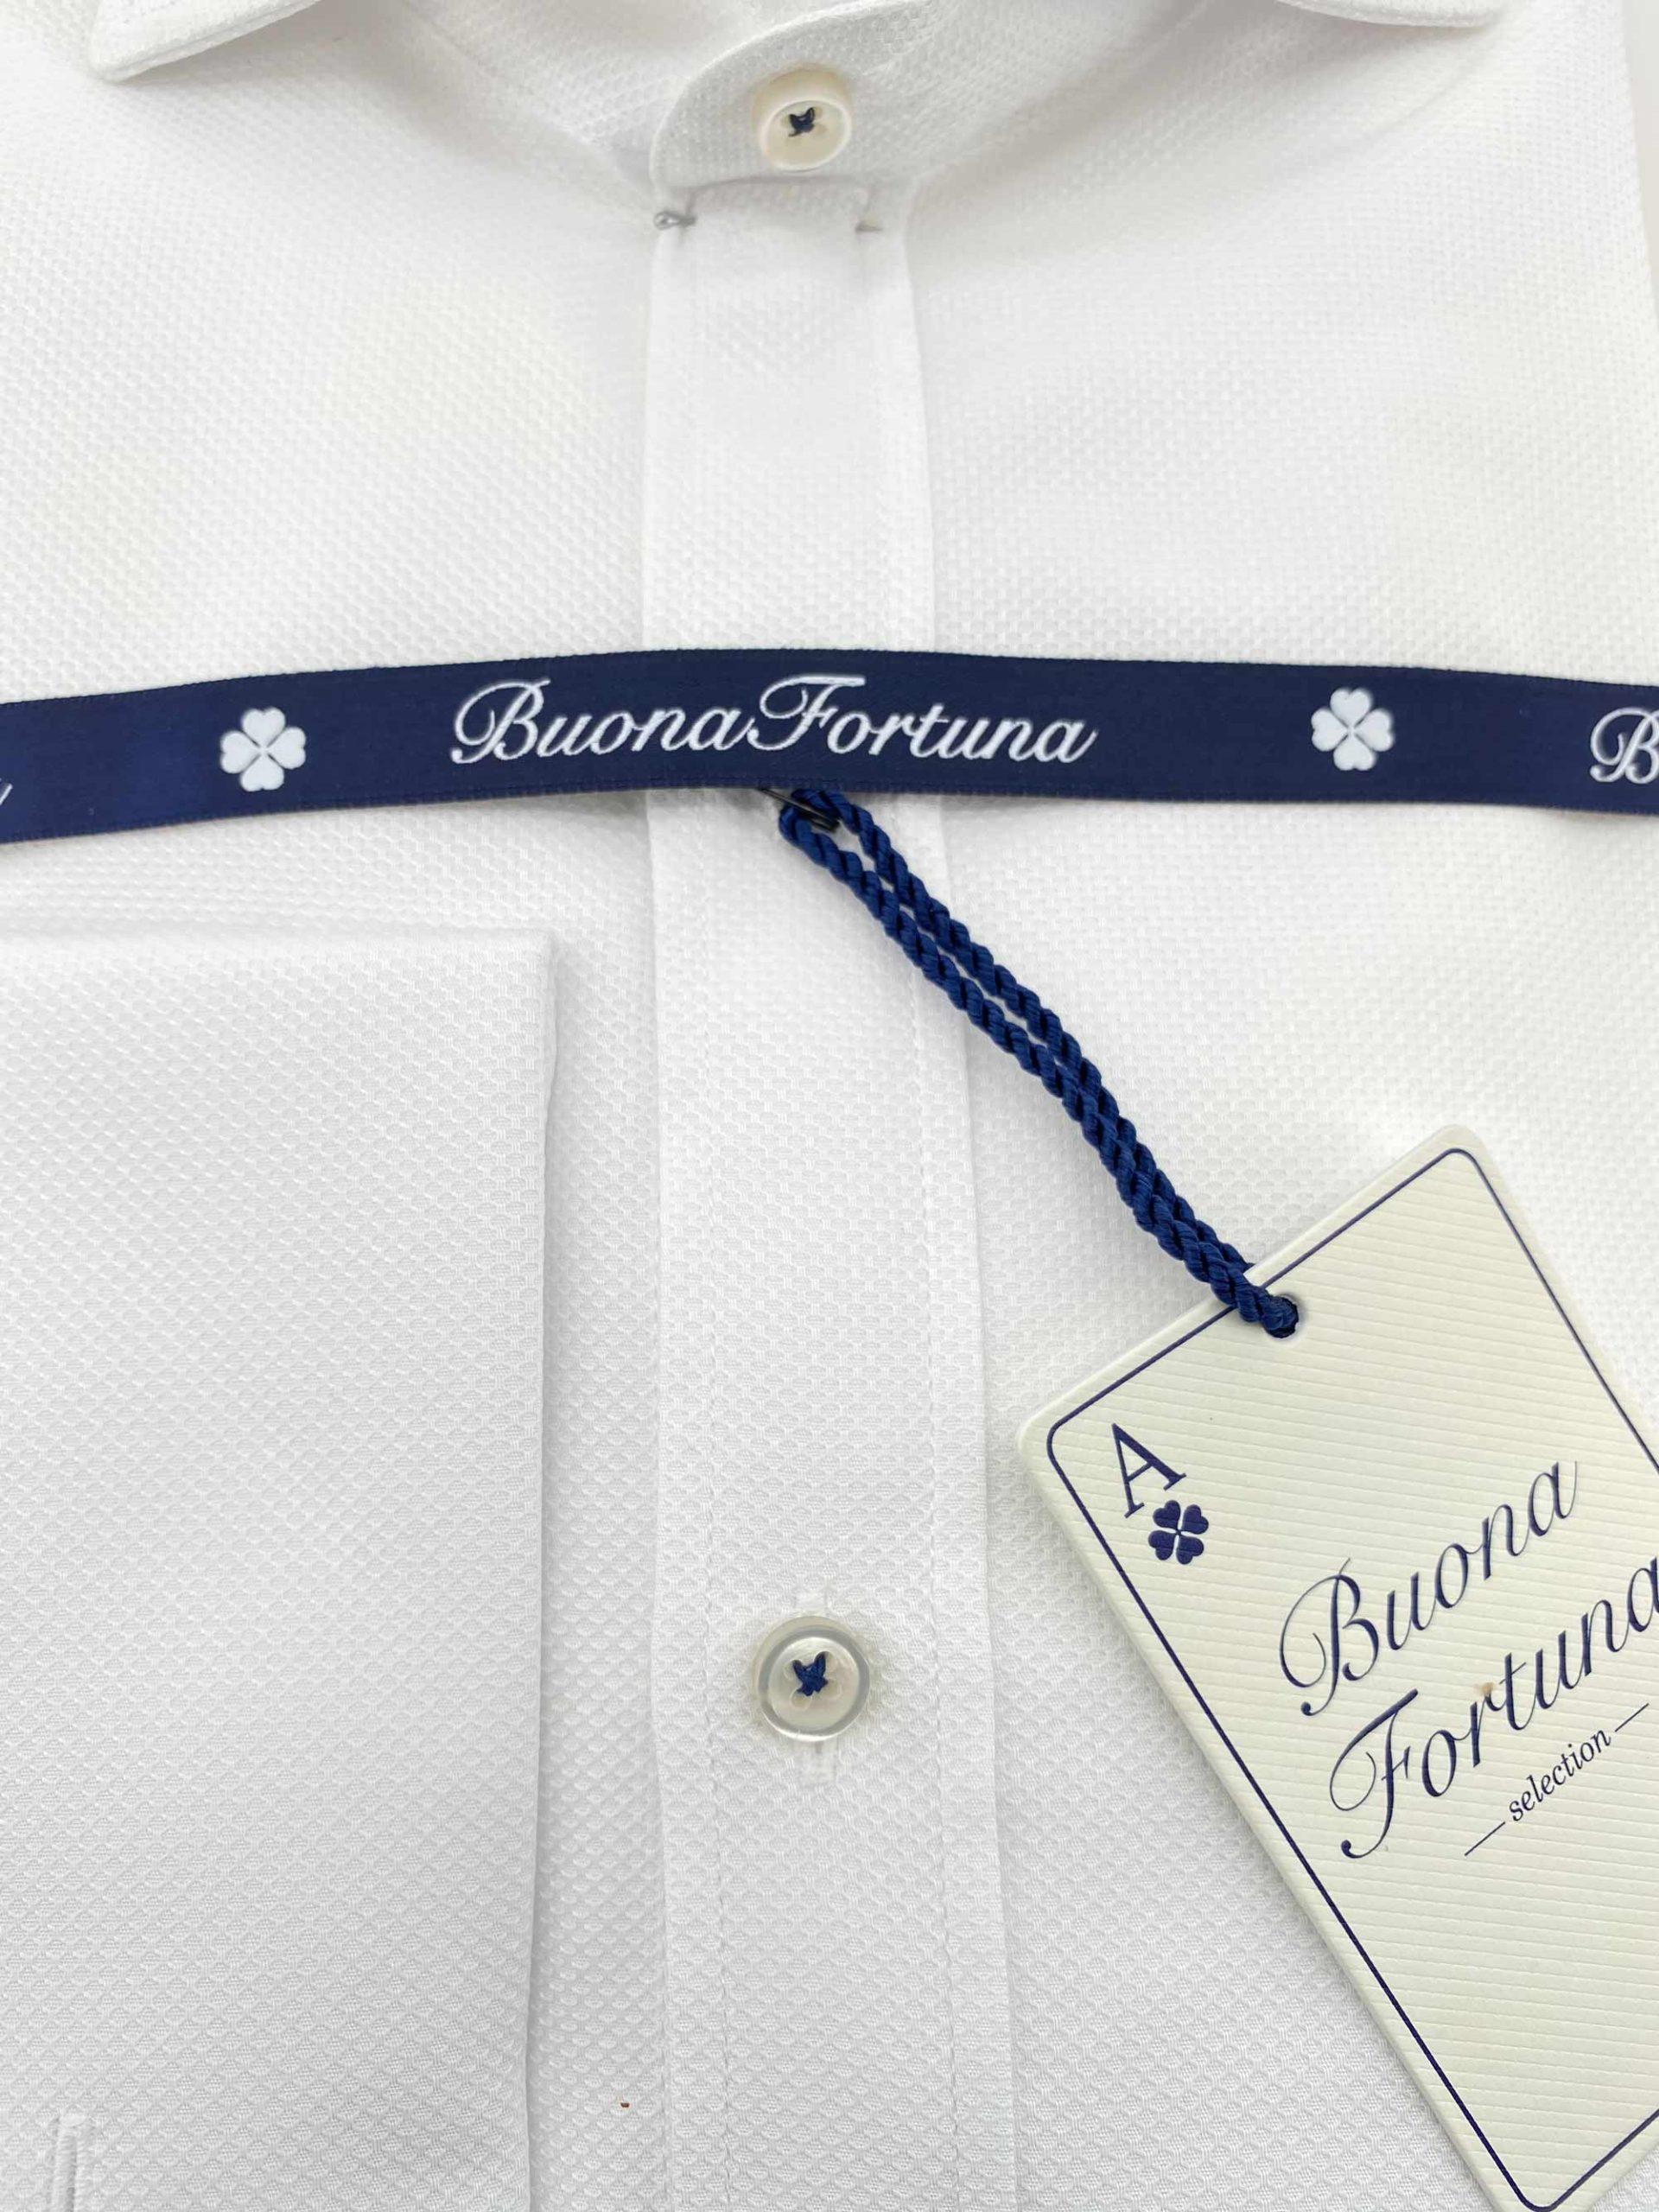 camisas buona fortuna comprar online camisas italianas exlusivas blanca nido de abeja shop